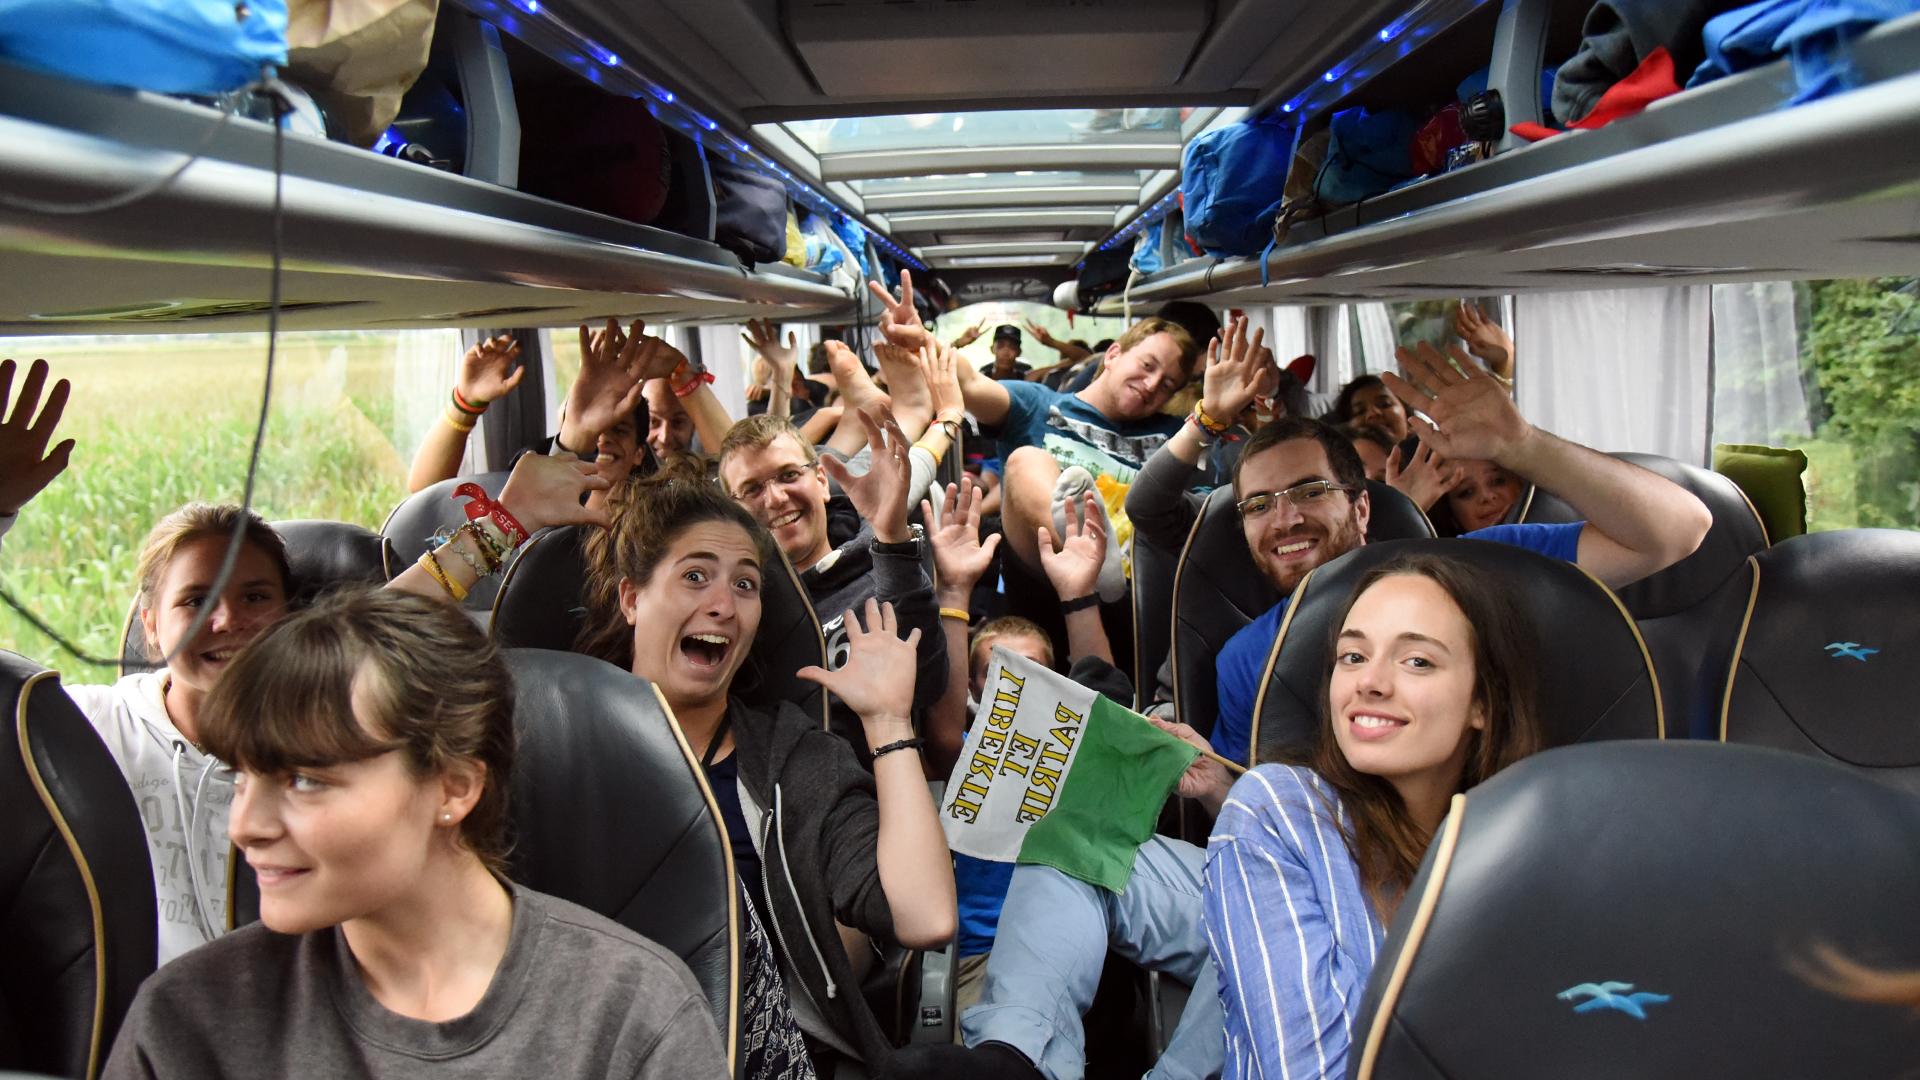 Les jeunes ont beaucoup reçu à Cracovie. Il s'agit désormais de faire mûrir le fruit de ce JMJ (Photo: Pierre Pistoletti)